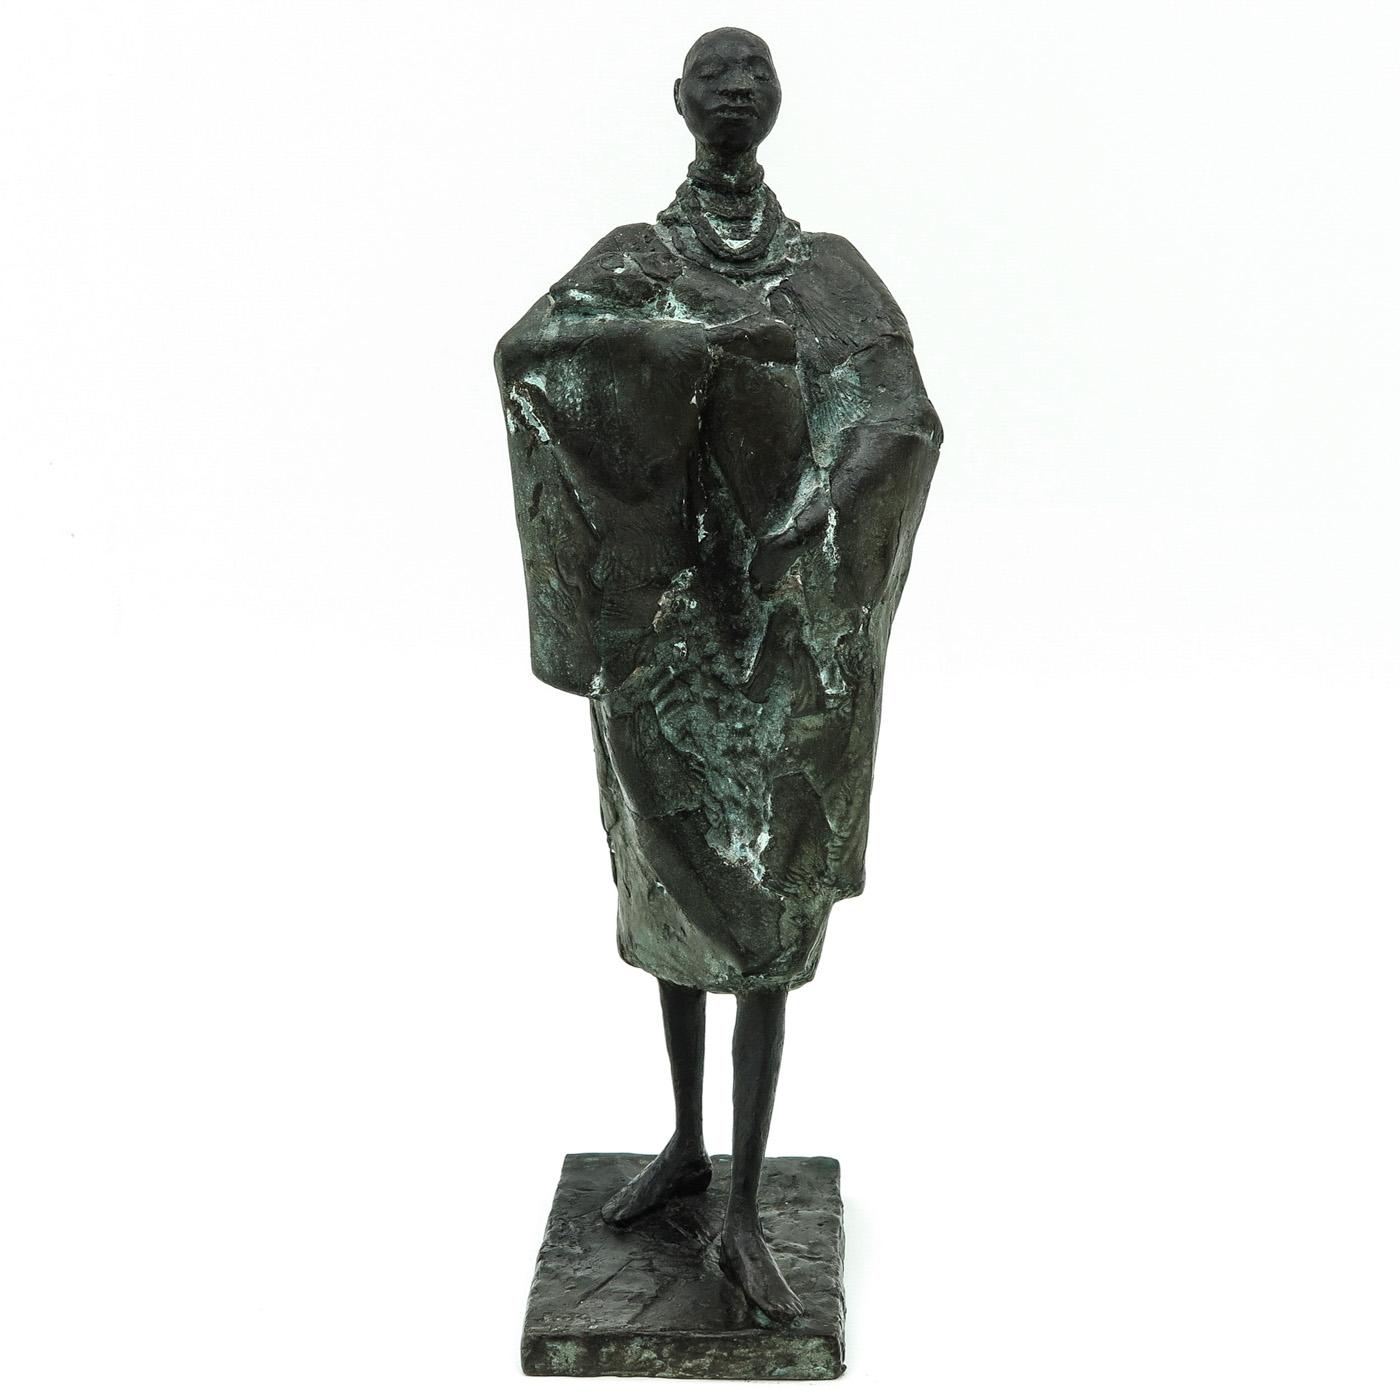 Lot 1145 - A Bronze Sculpture